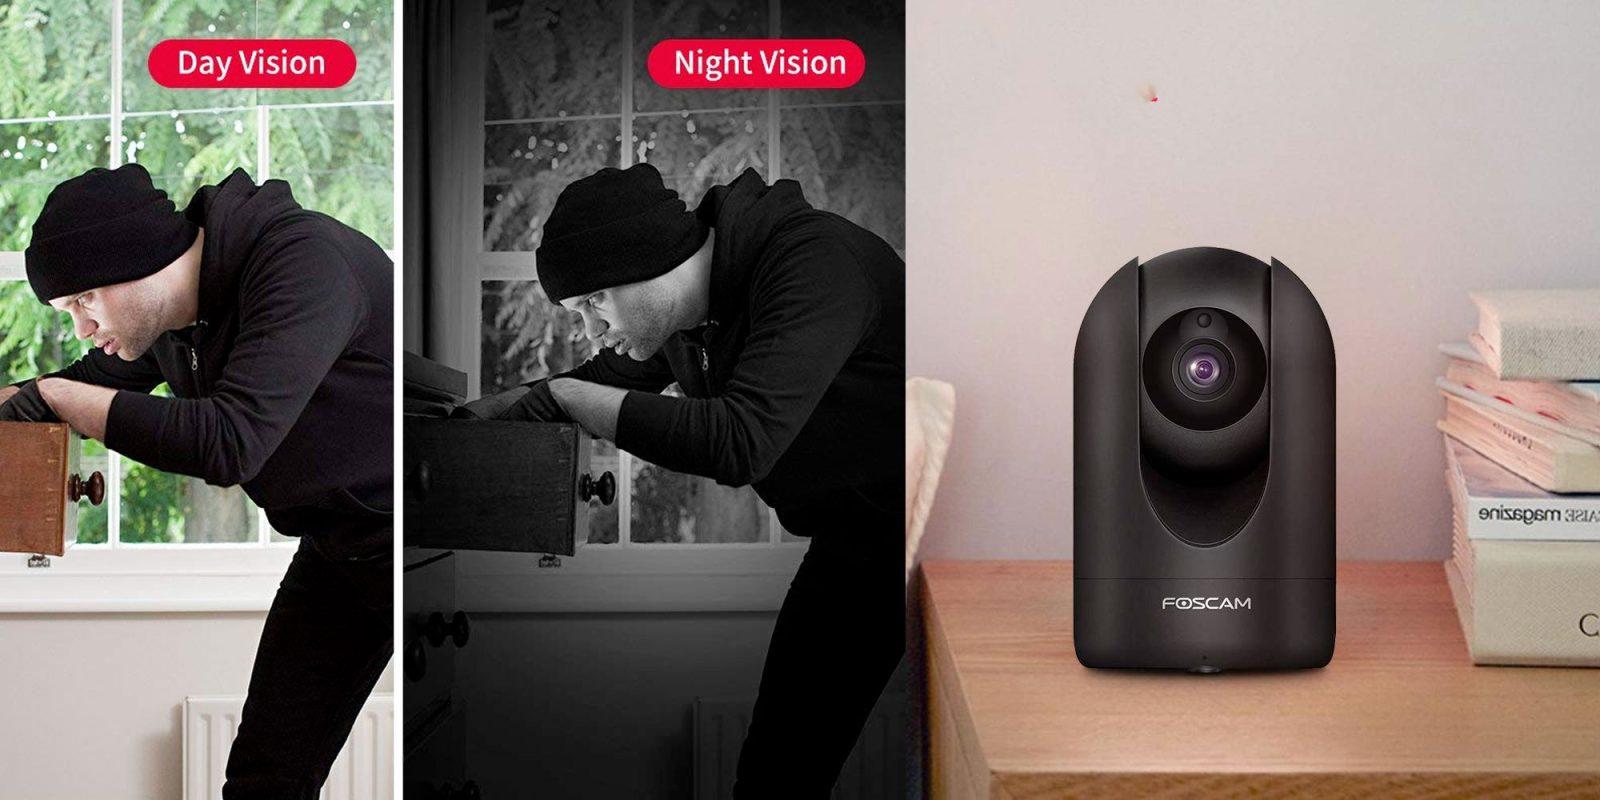 Keep an eye on your home w/ Foscam's Wi-Fi 1080p pan/tilt